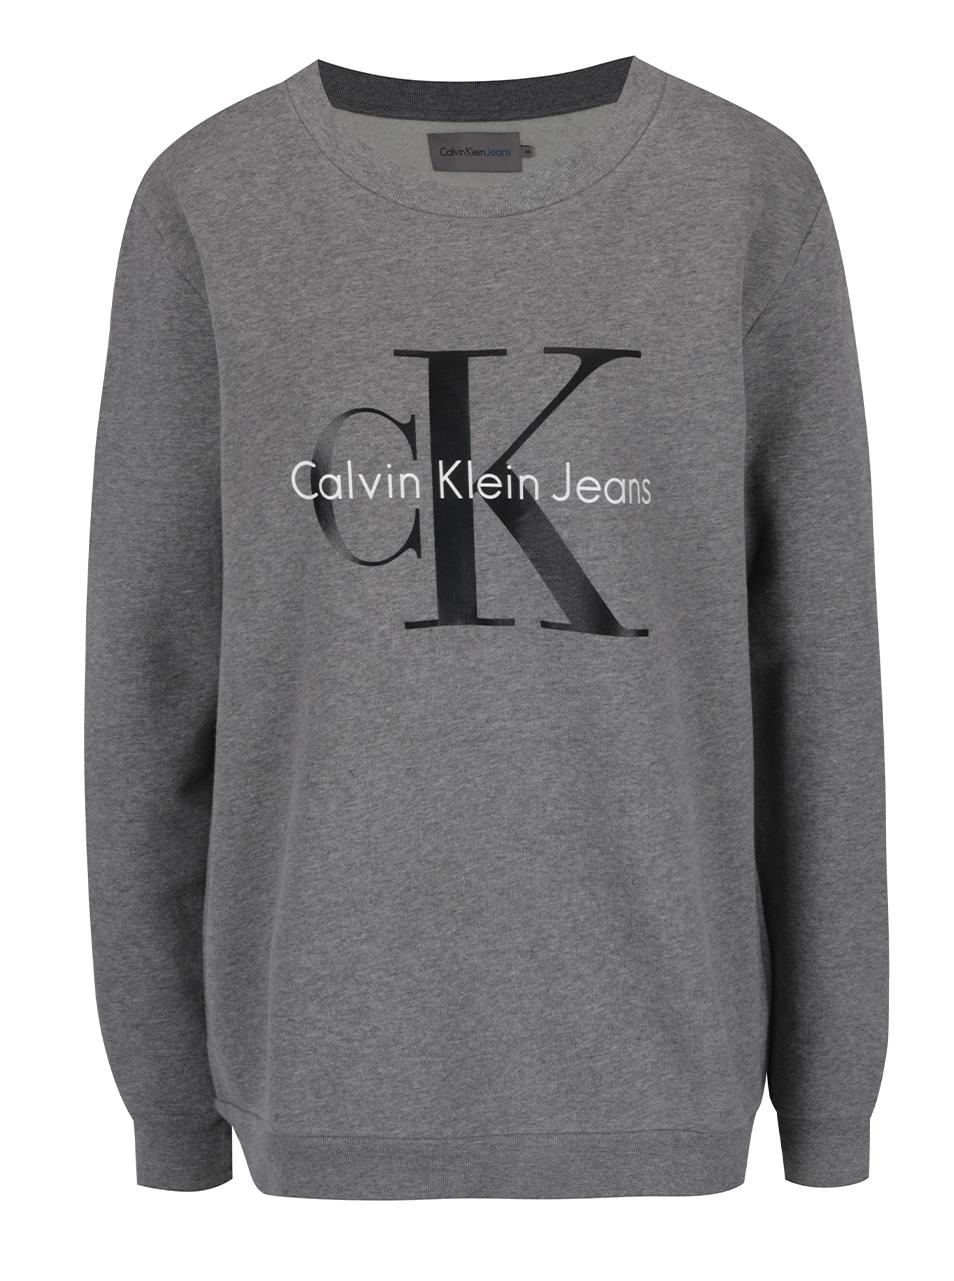 04072aa440 Sivá dámska mikina s potlačou v čiernej farbe Calvin Klein Jeans Crew